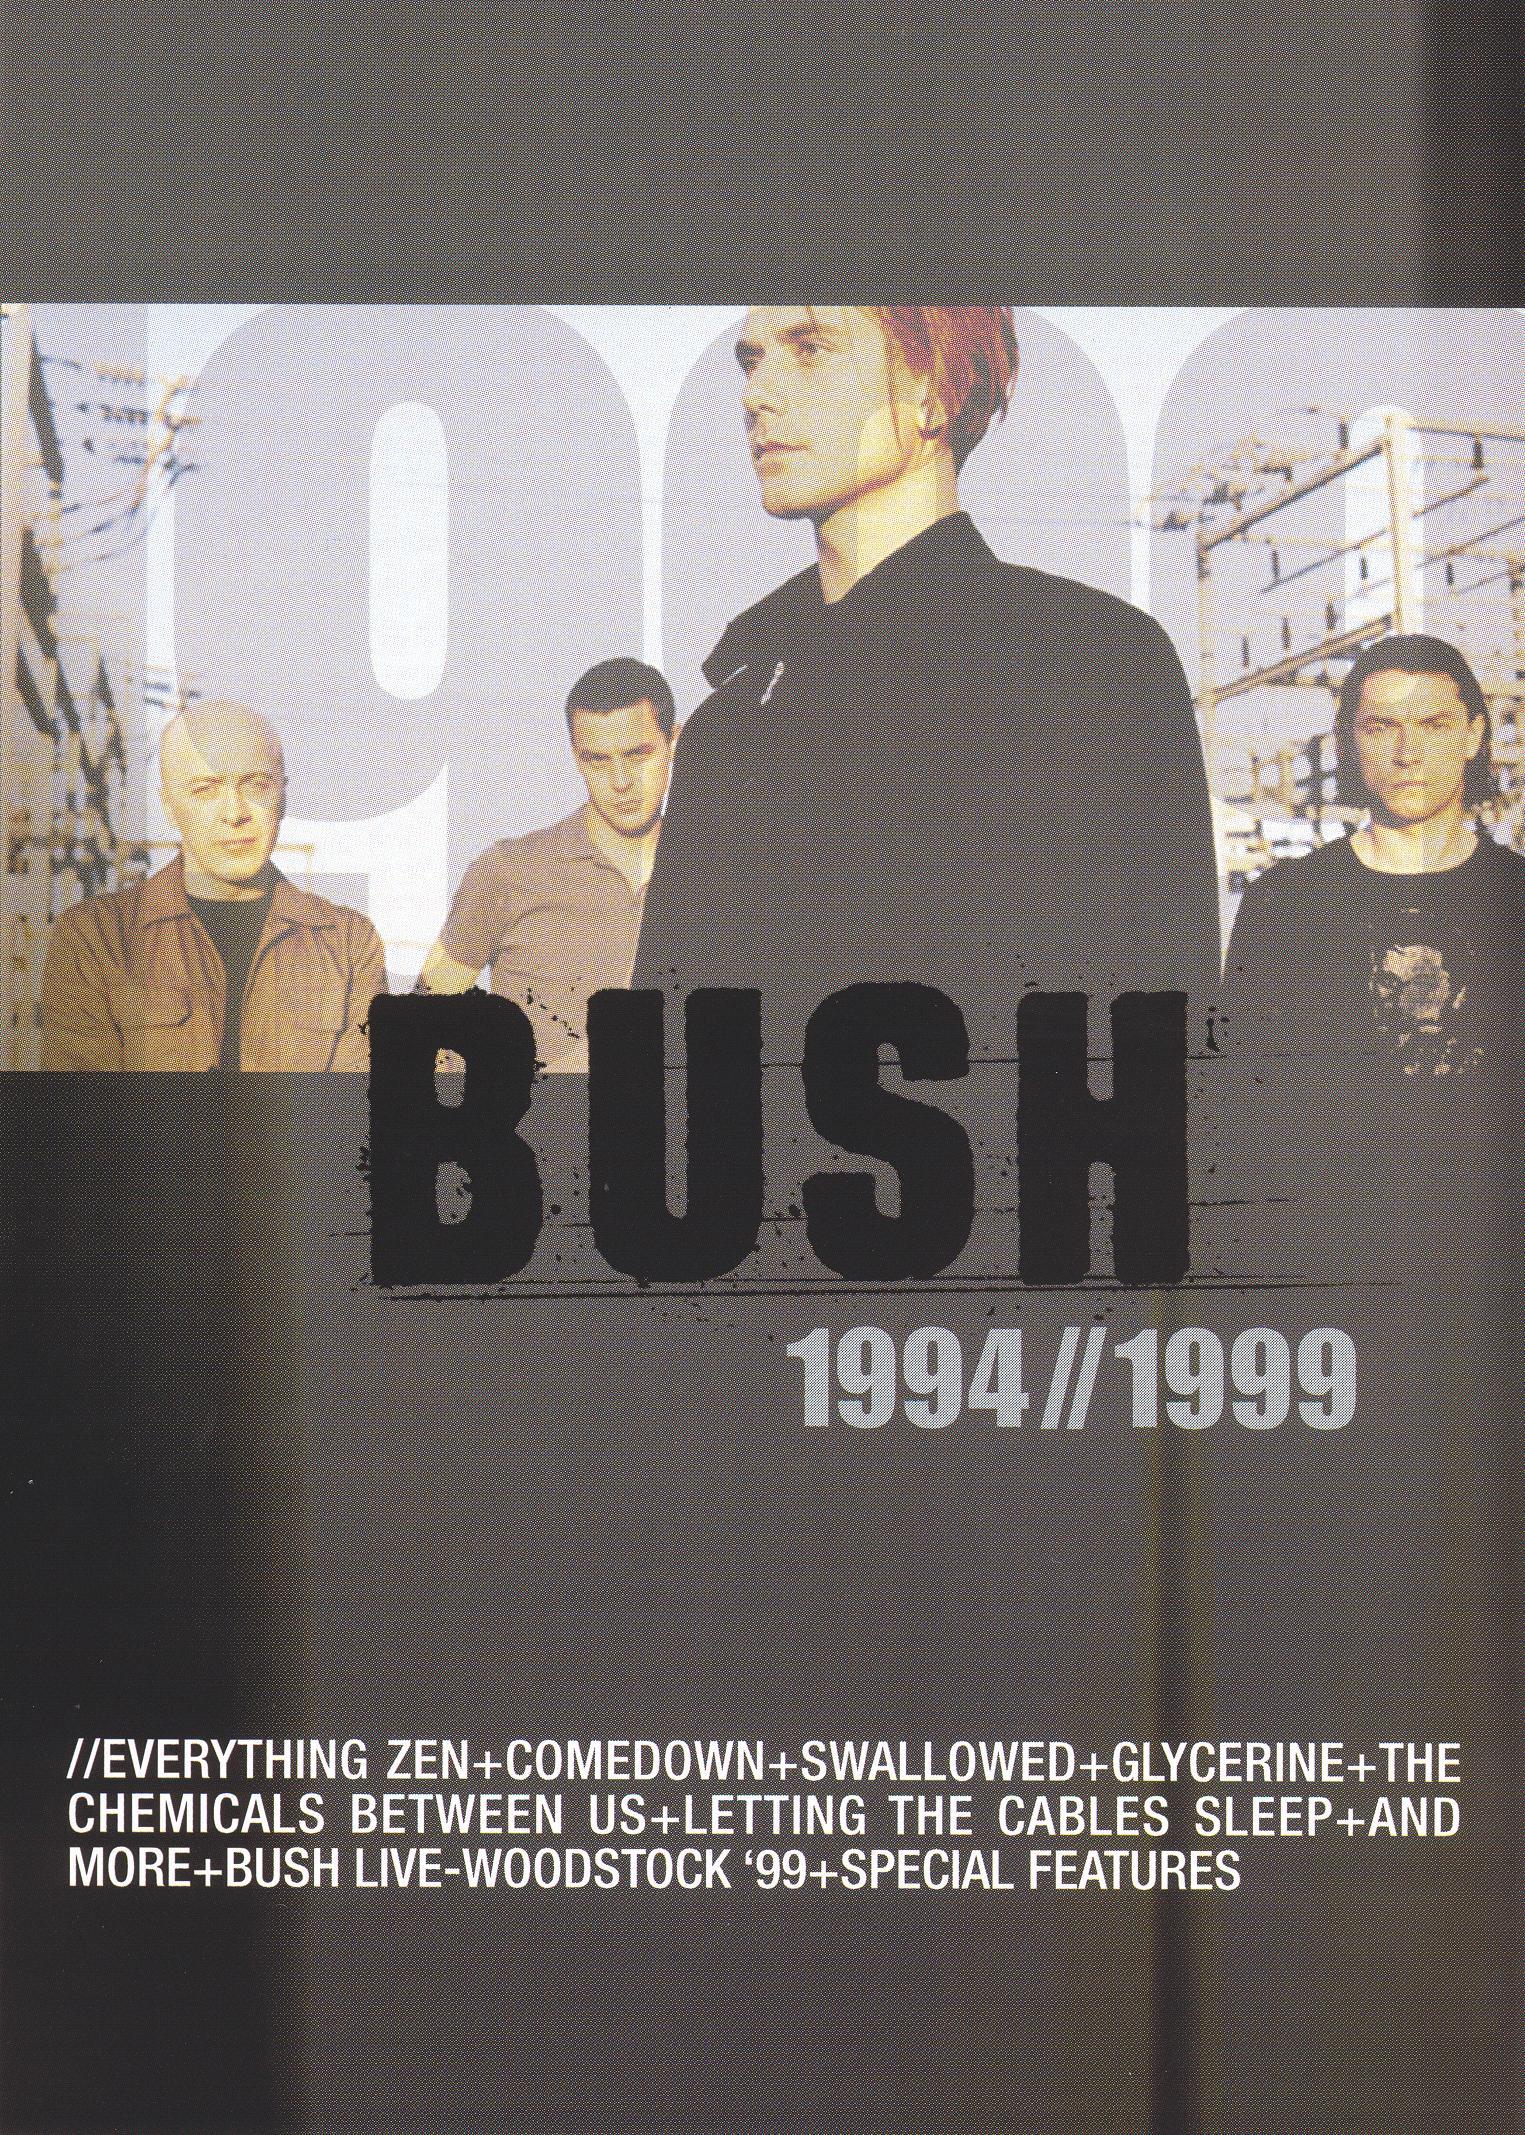 Bush: 1994//1999